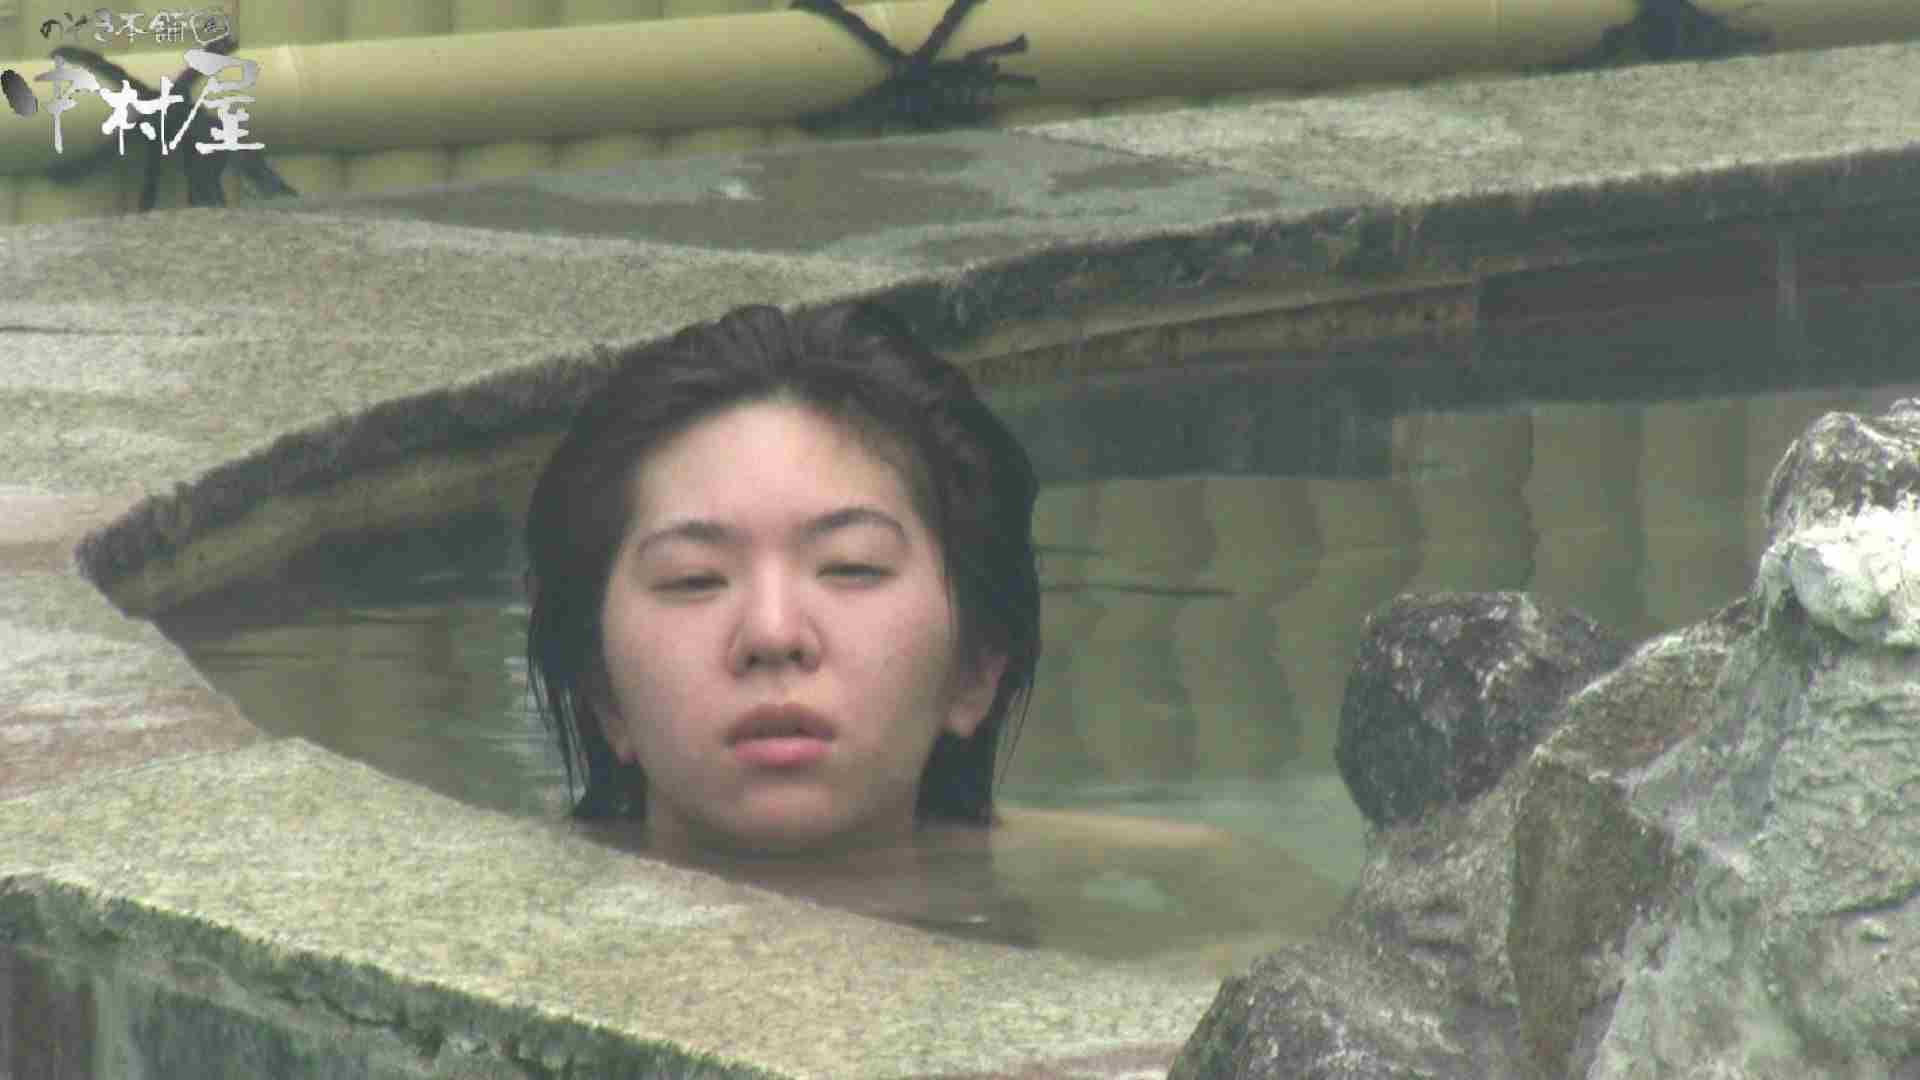 Aquaな露天風呂Vol.907 盗撮   OLのエロ生活  62連発 40